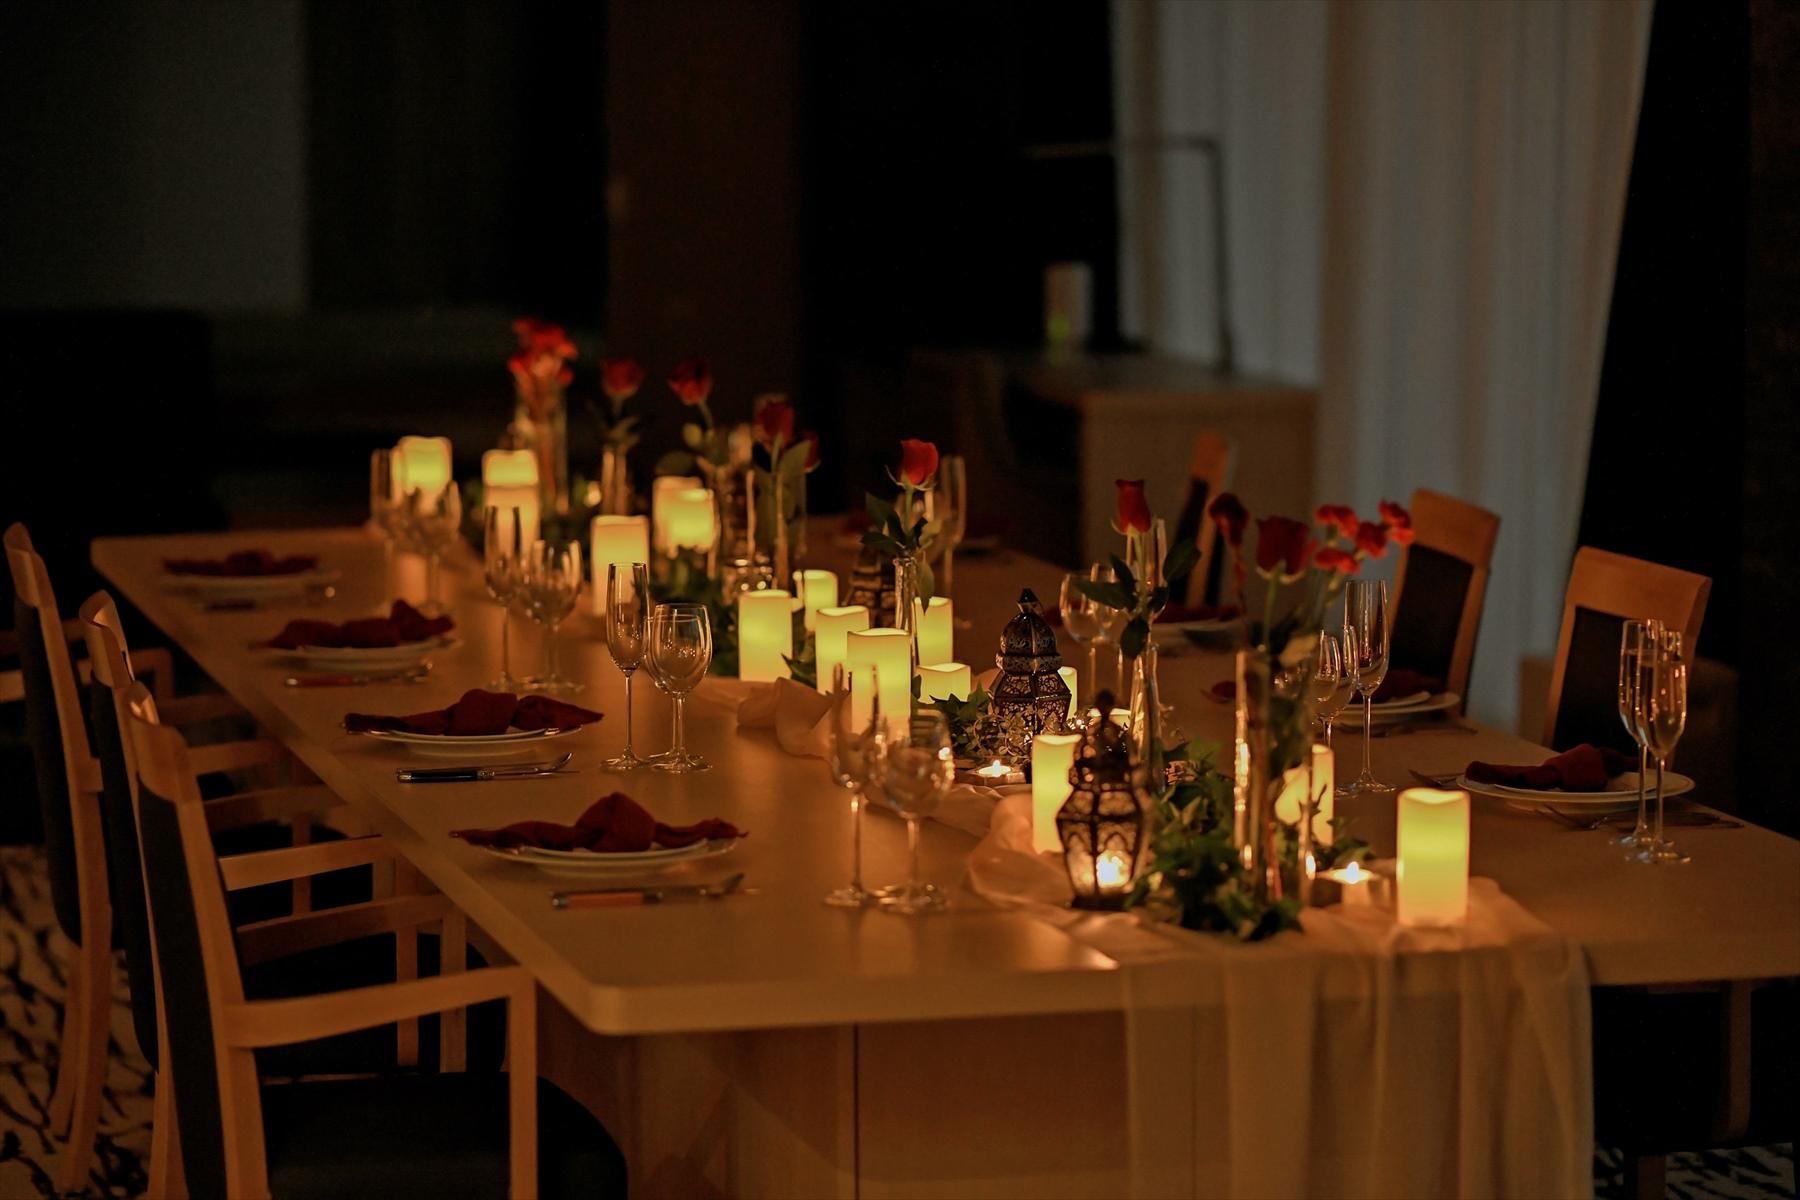 静岡ウェディングパーティー テーブルセッティング例 少人数結婚式